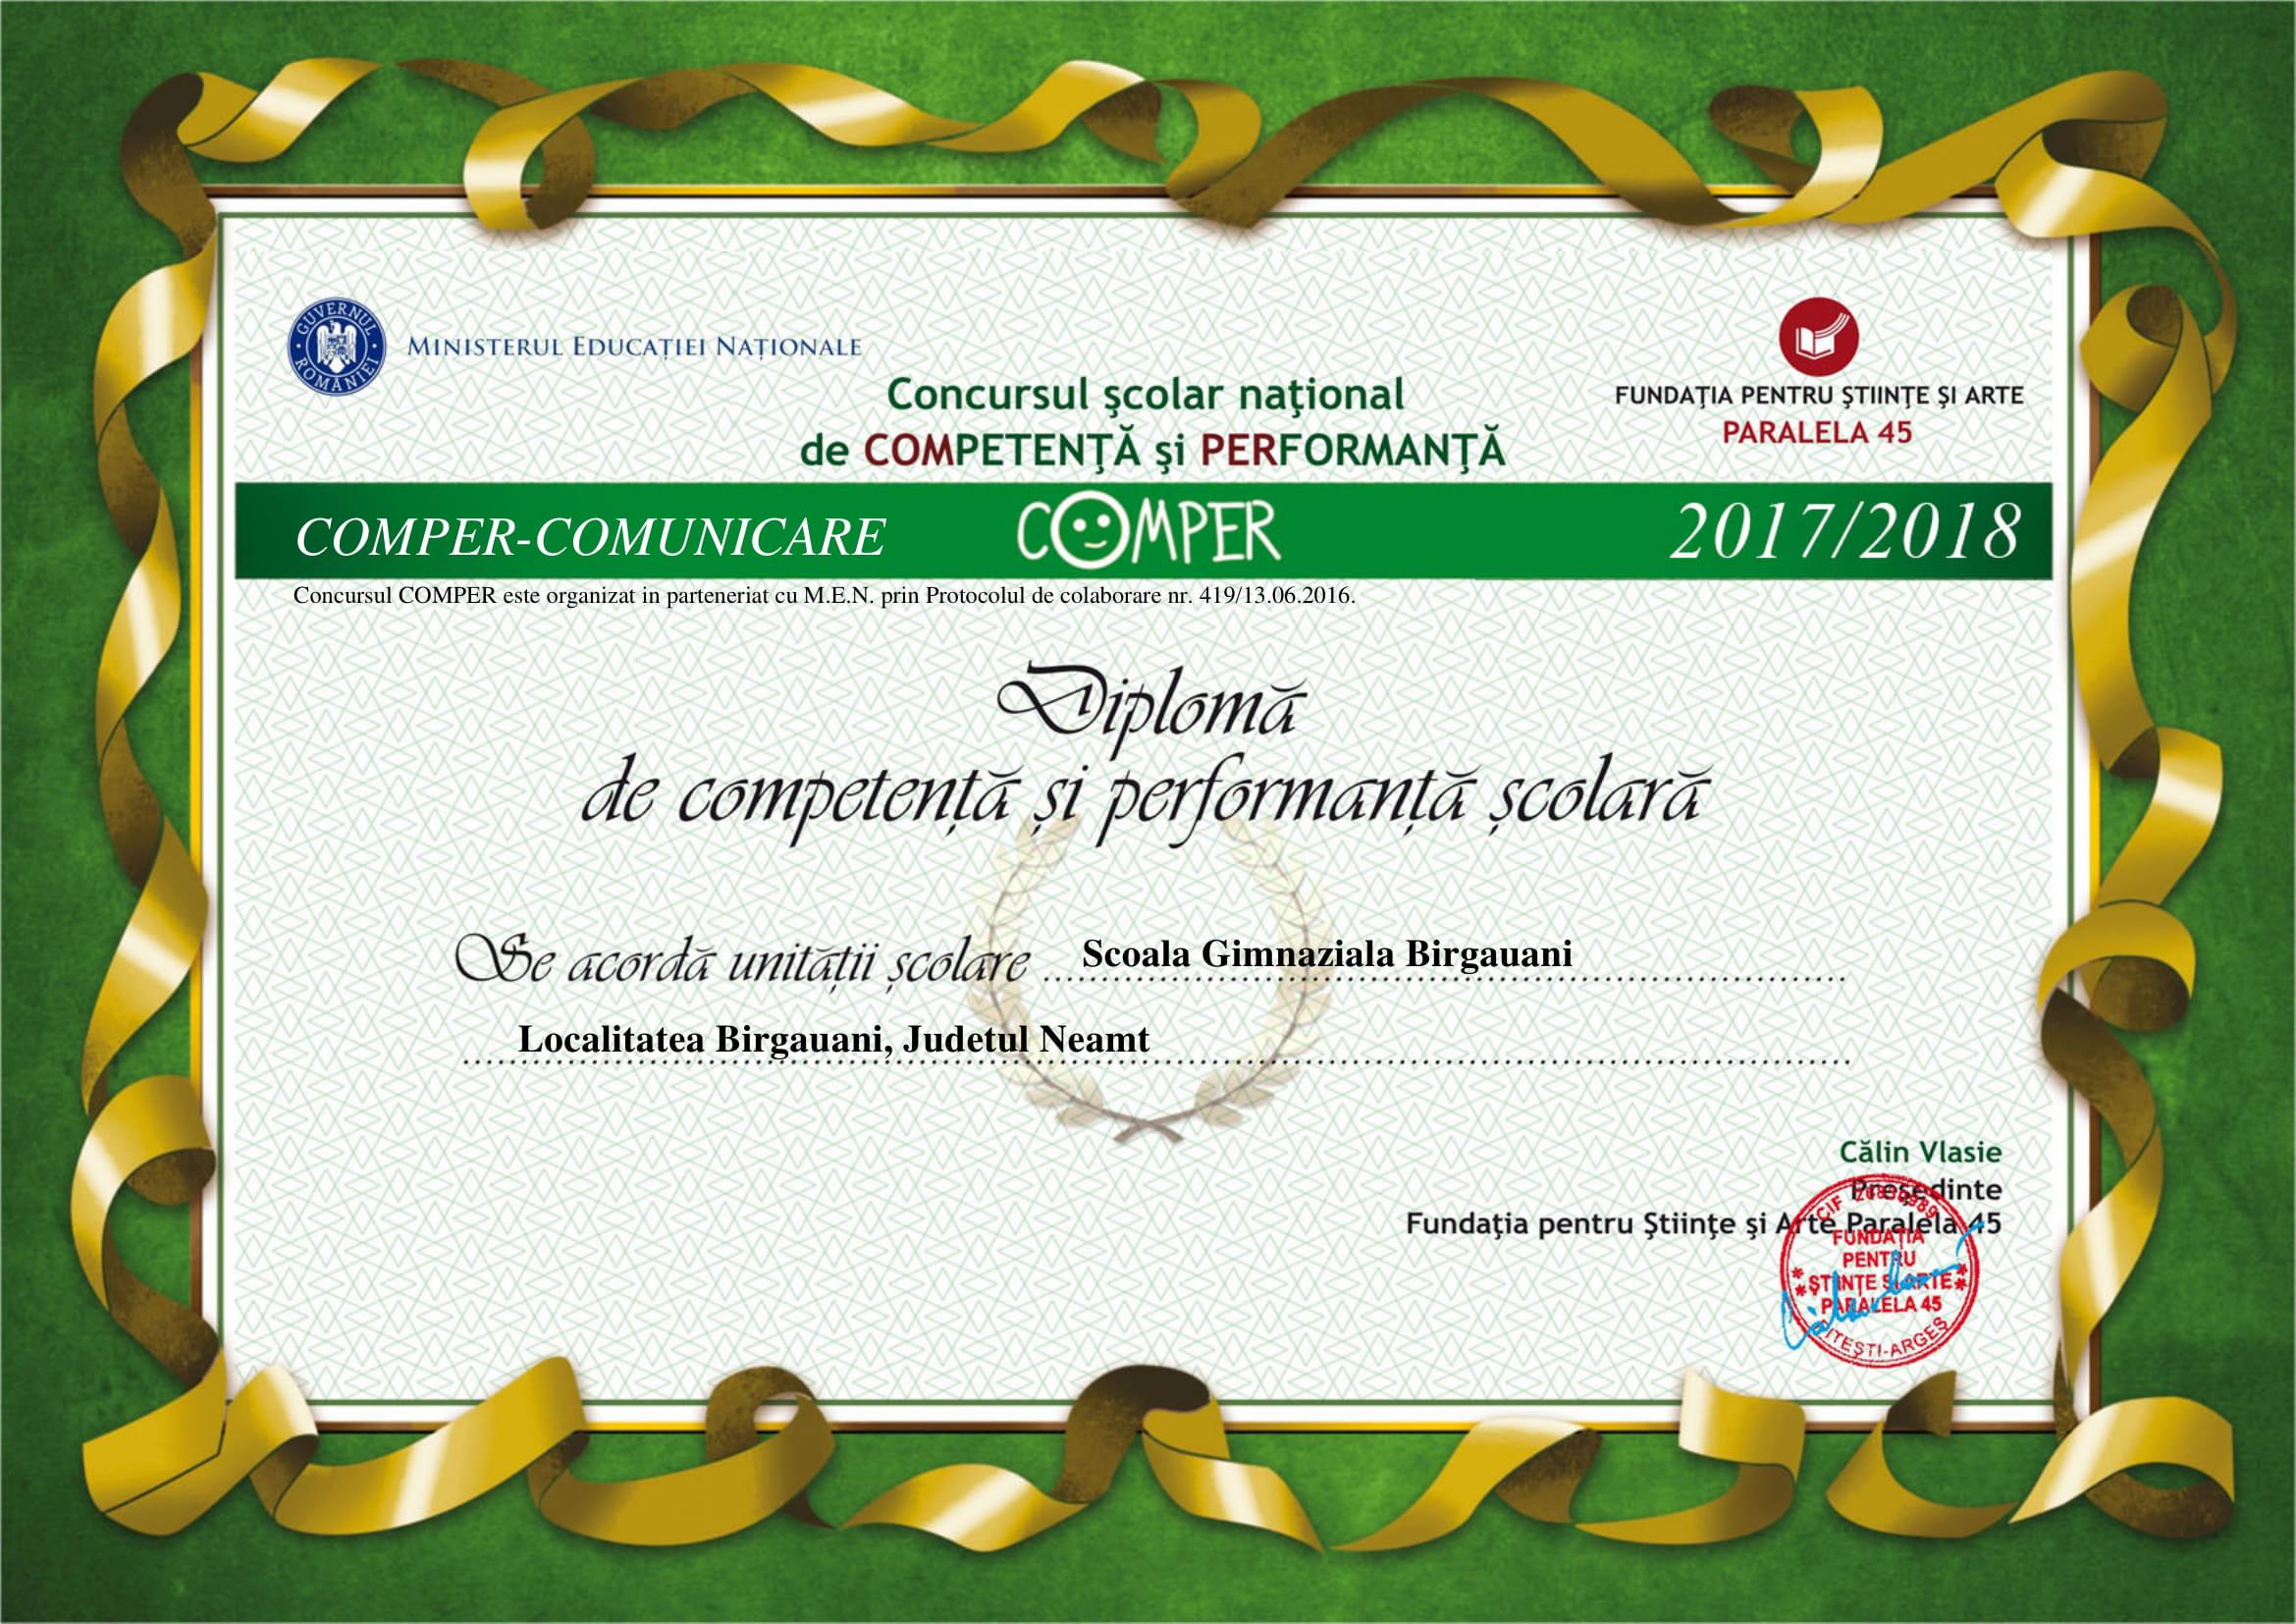 diploma_scolii_comunicare_2017-2018_127186-1